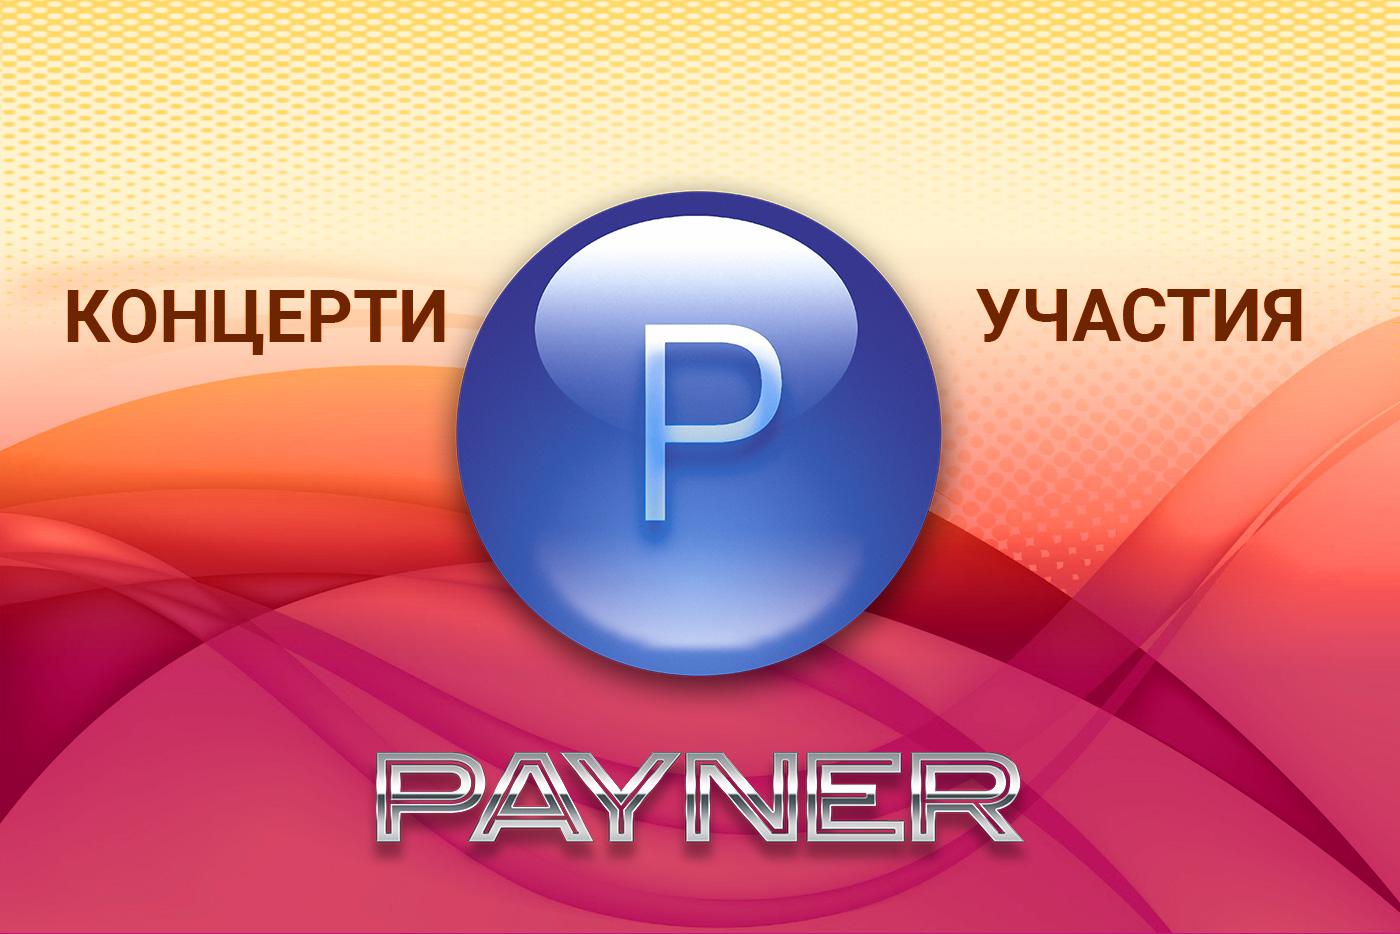 """Участия на звездите на """"Пайнер"""" на 14.09.2019"""